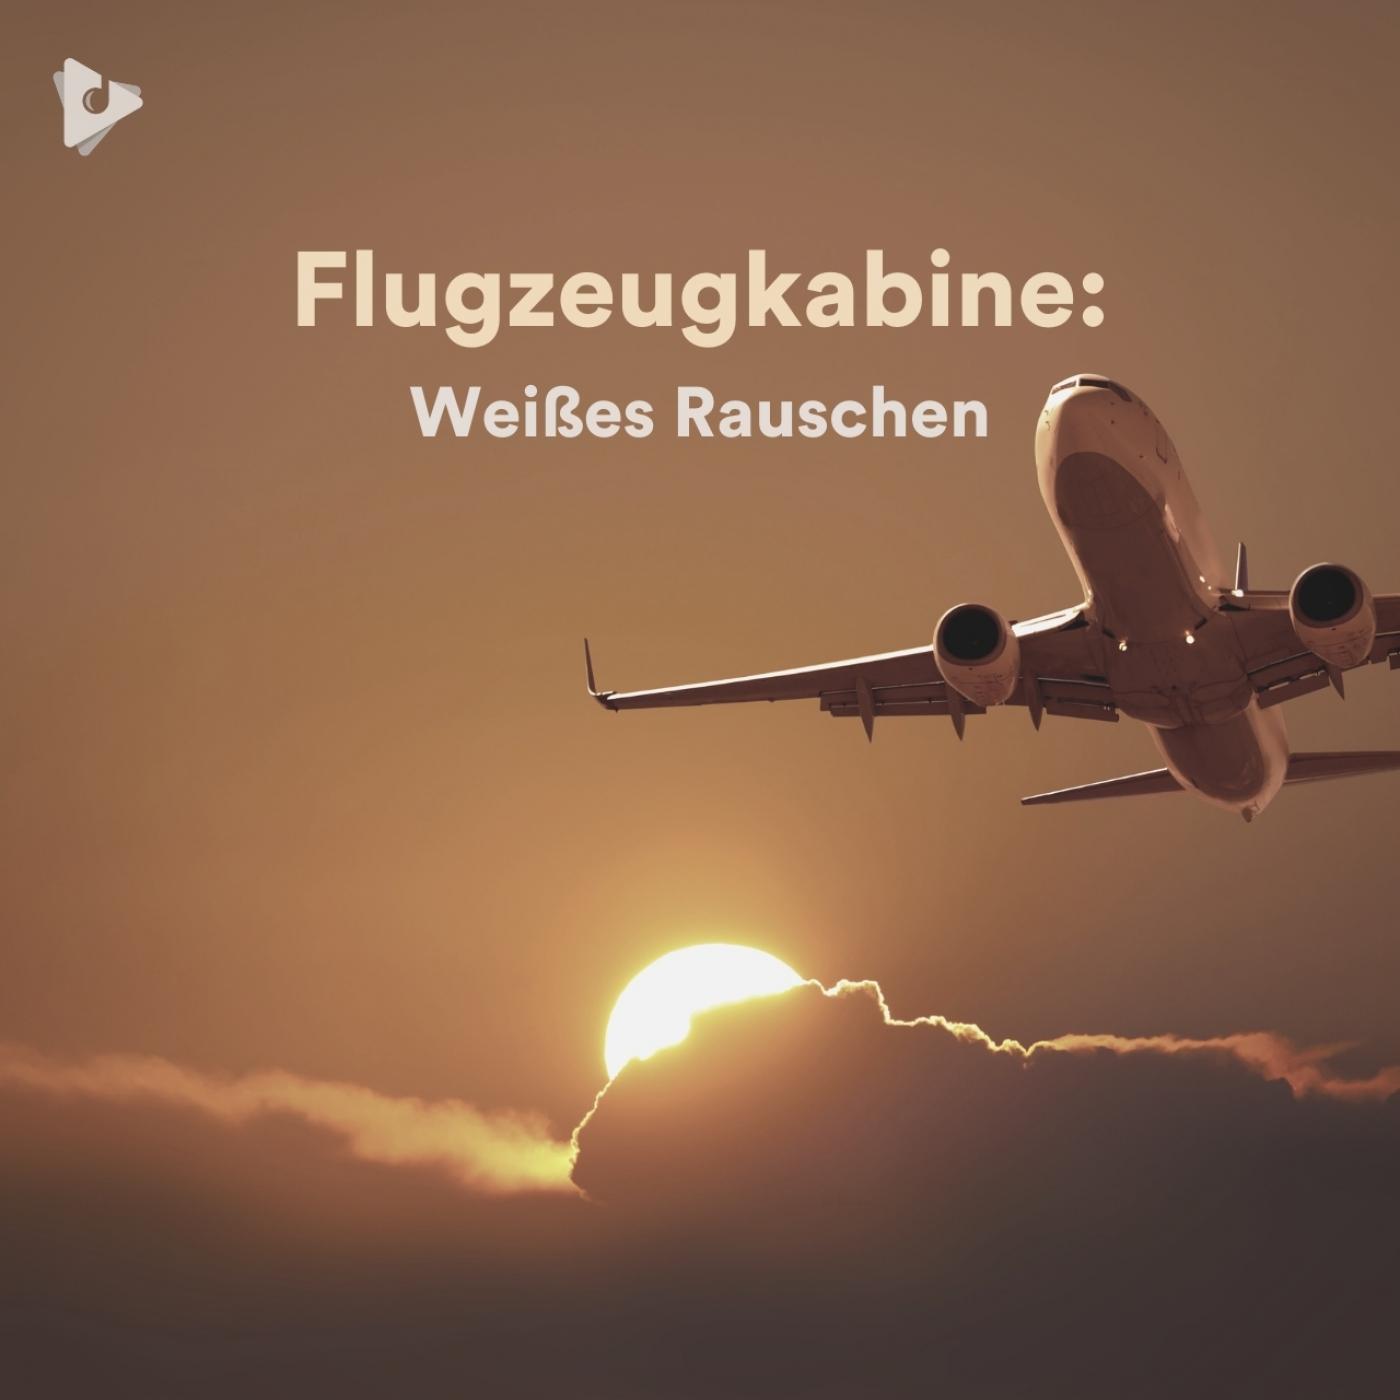 Flugzeugkabine: Weißes Rauschen